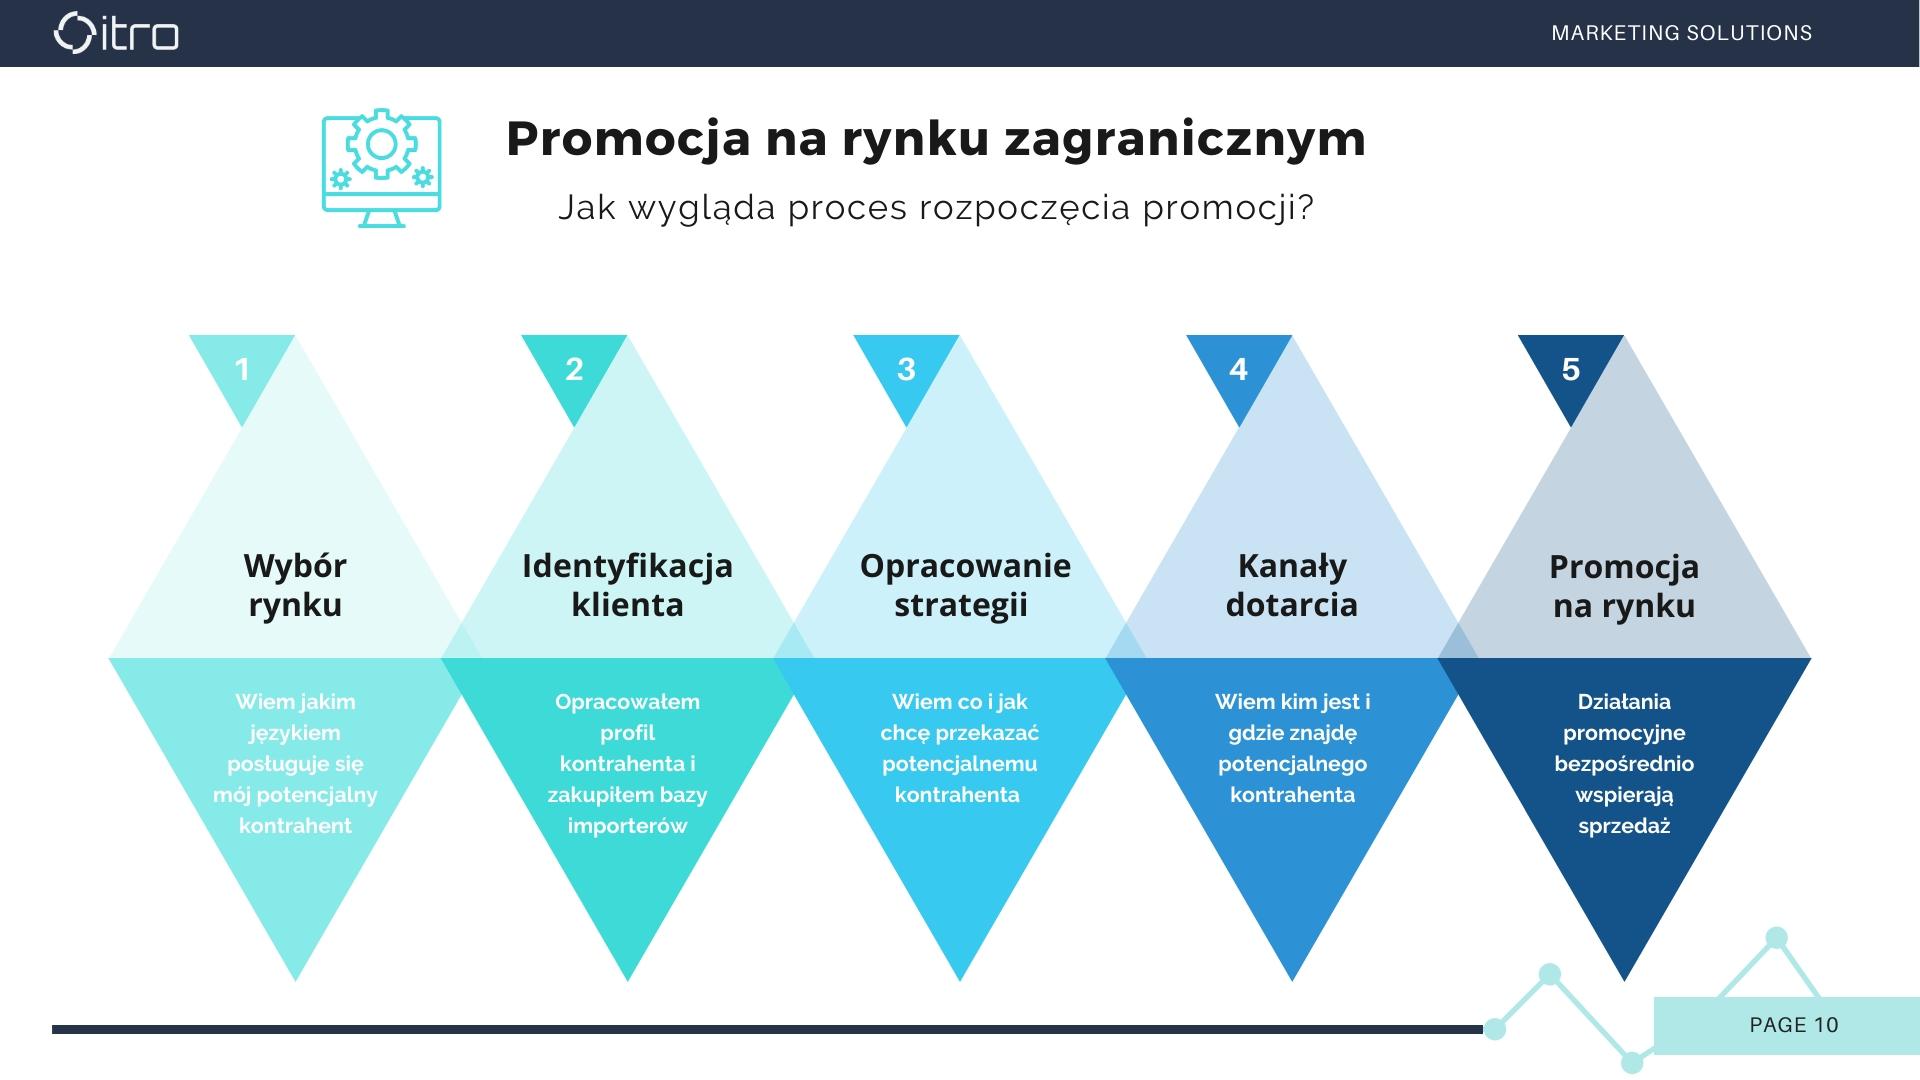 10_Professionalservicestointernationalizeyourbusiness_by ITRO_Promocja na rynku zagranicznym_2020